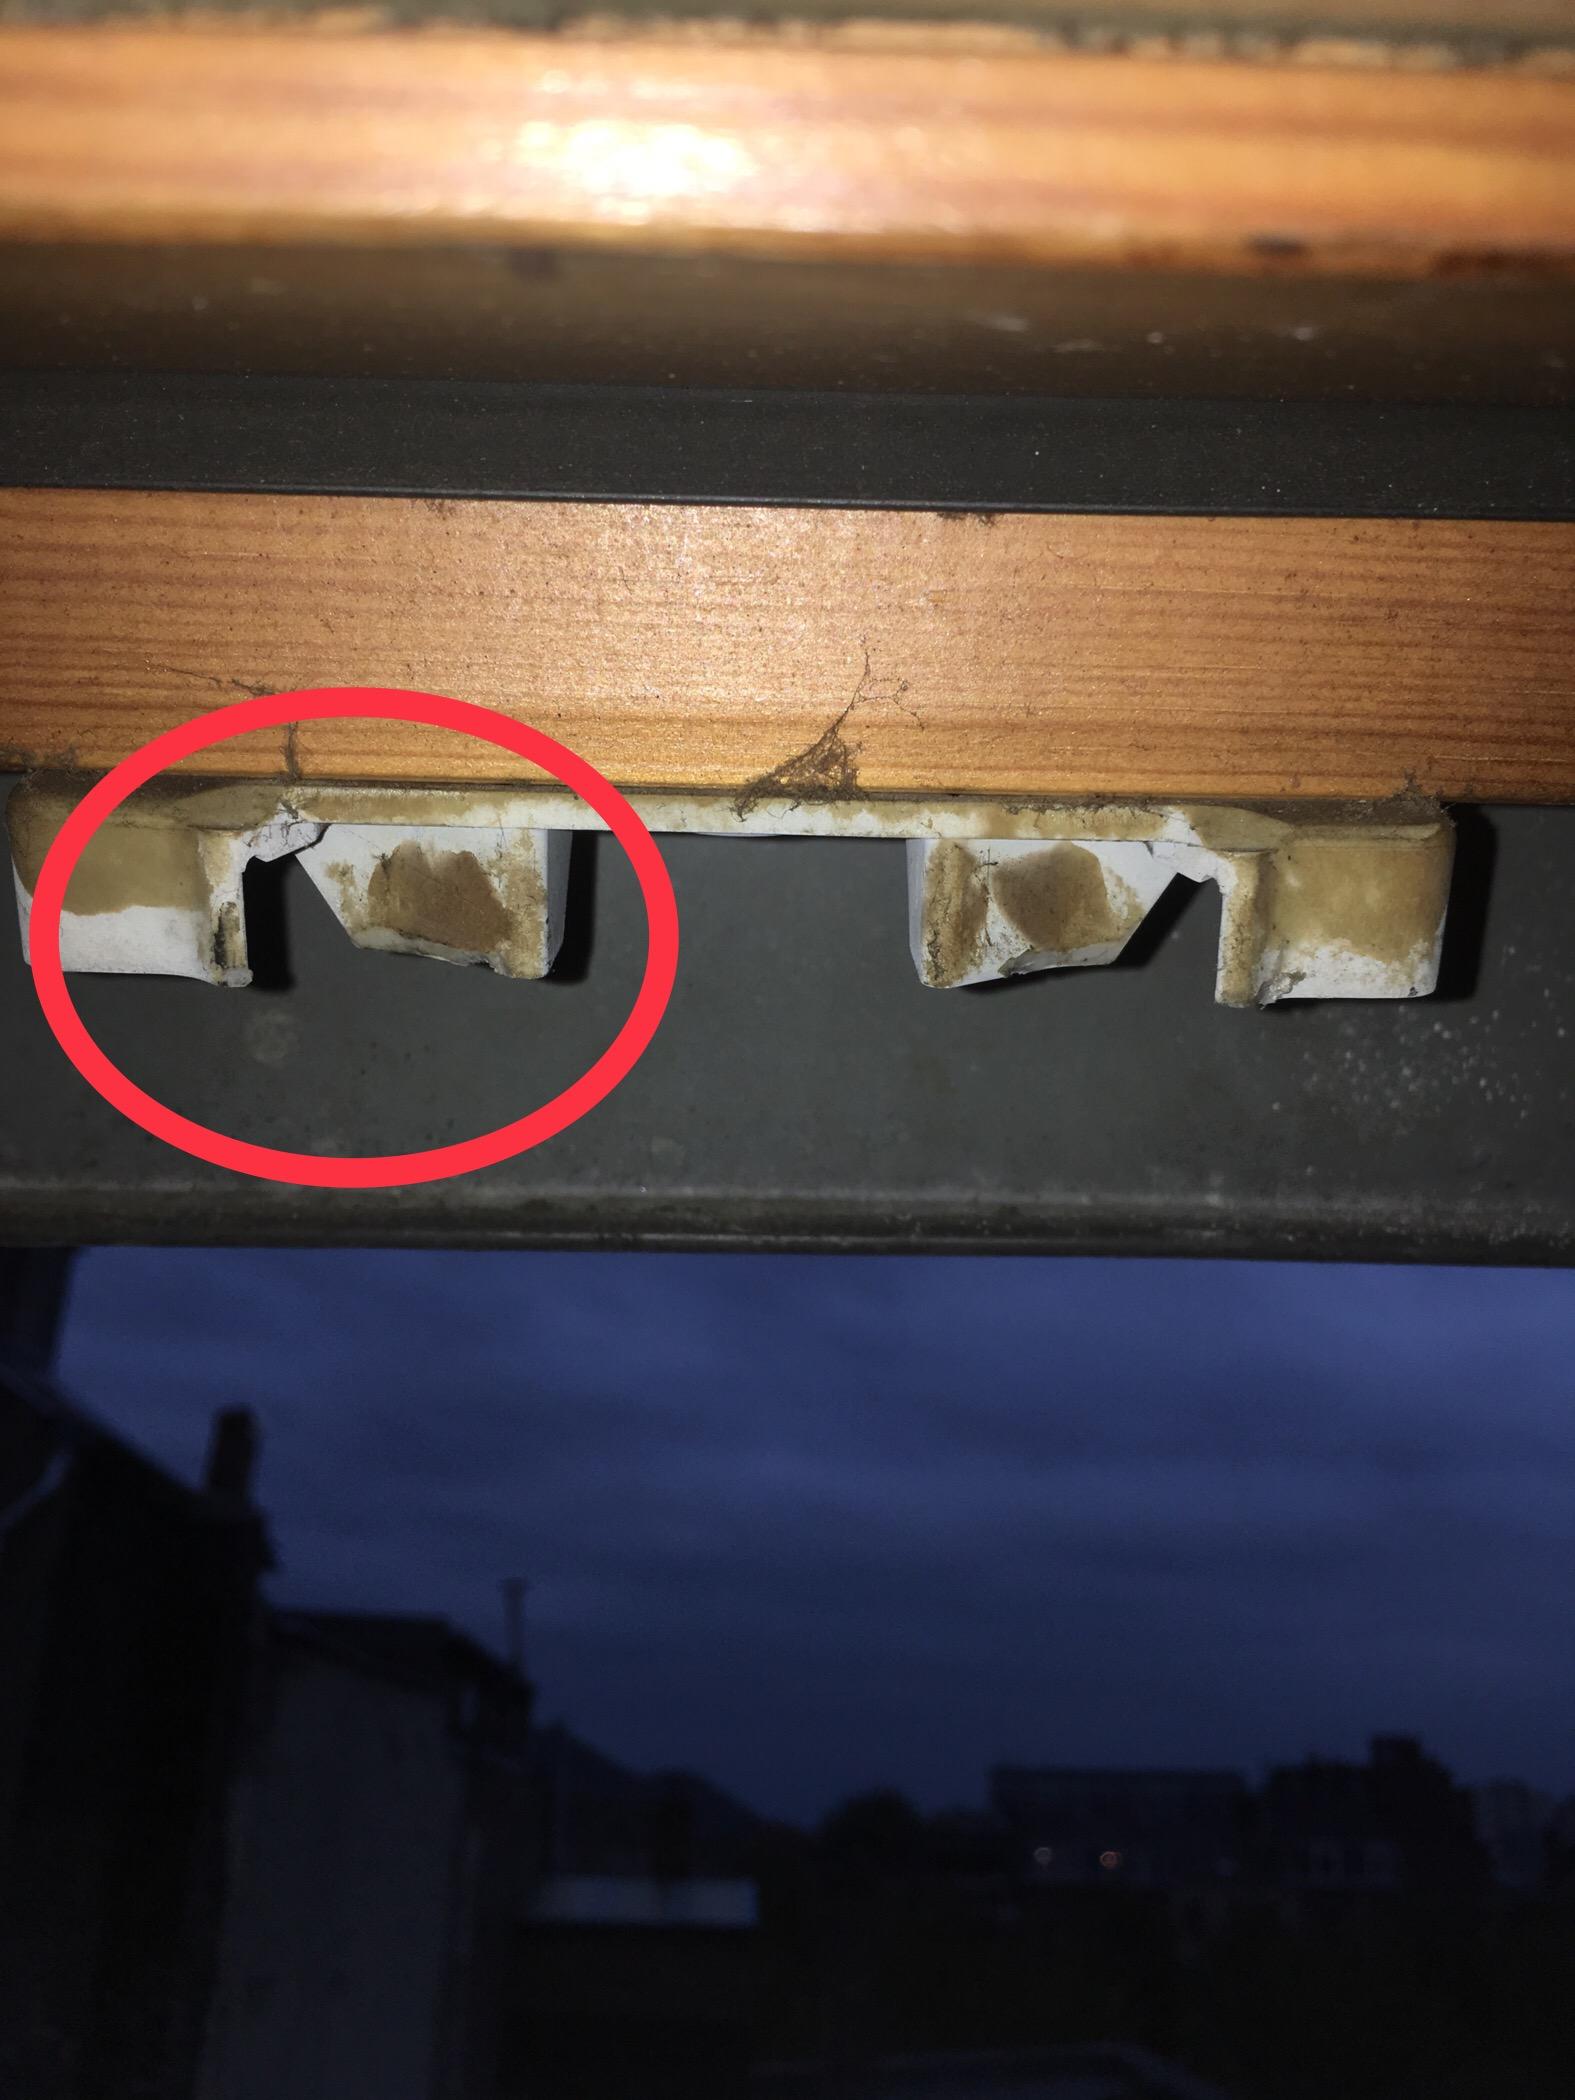 Fenêtre de toit qui ne ferme pas